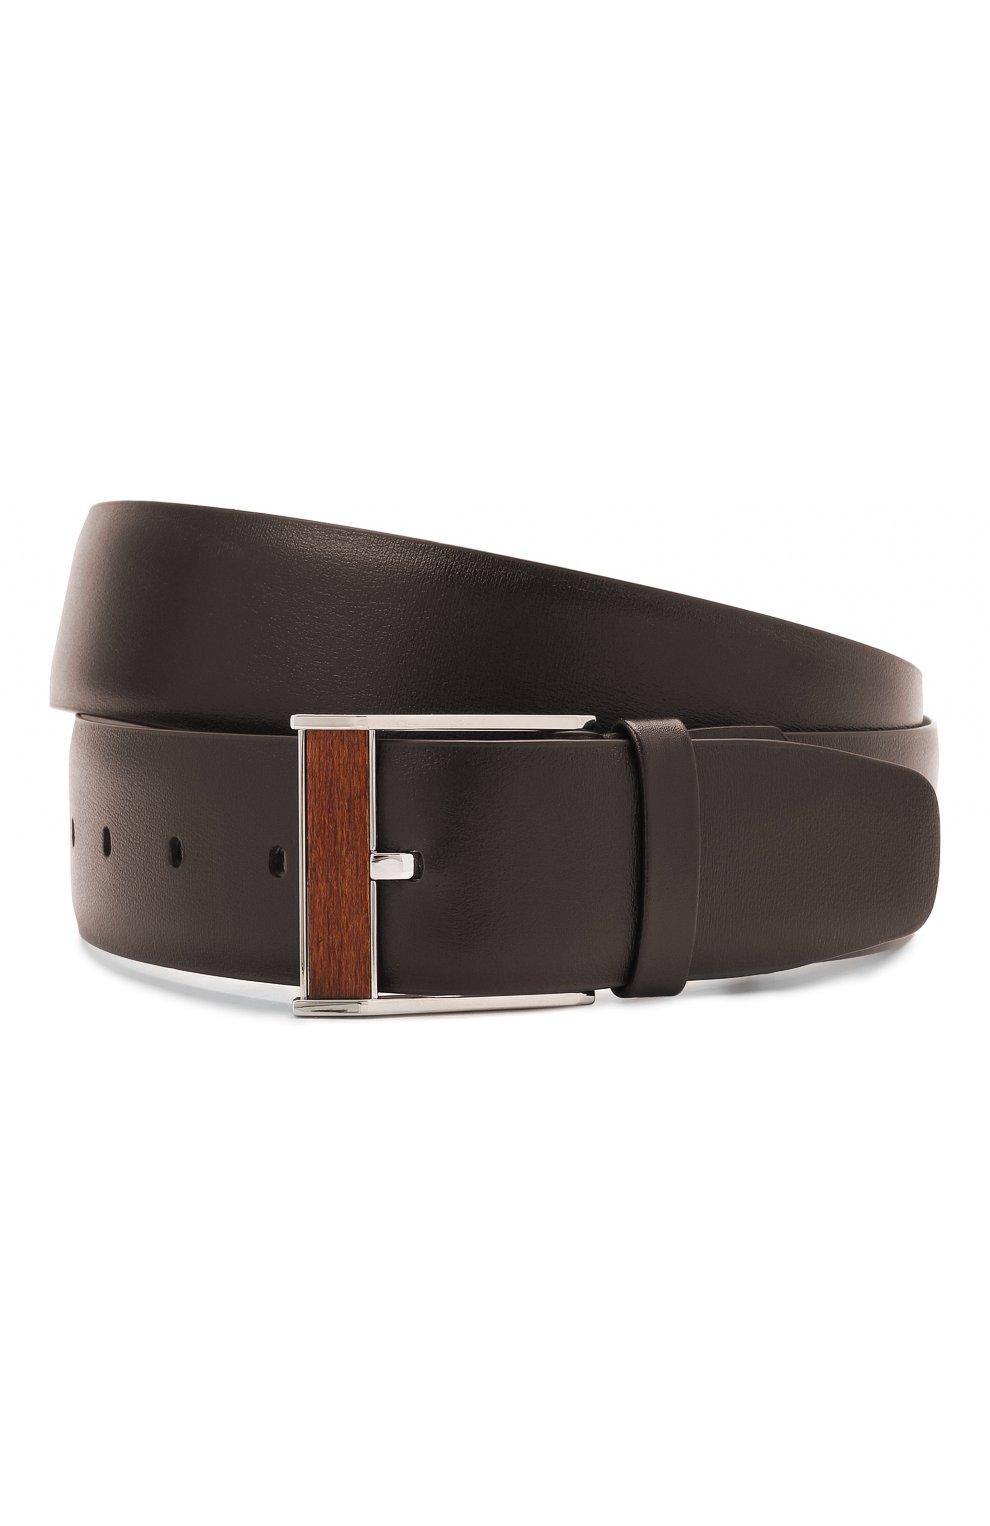 Мужской кожаный ремень ZILLI коричневого цвета, арт. MJL-CLAQE-01030/0057 | Фото 1 (Случай: Формальный)